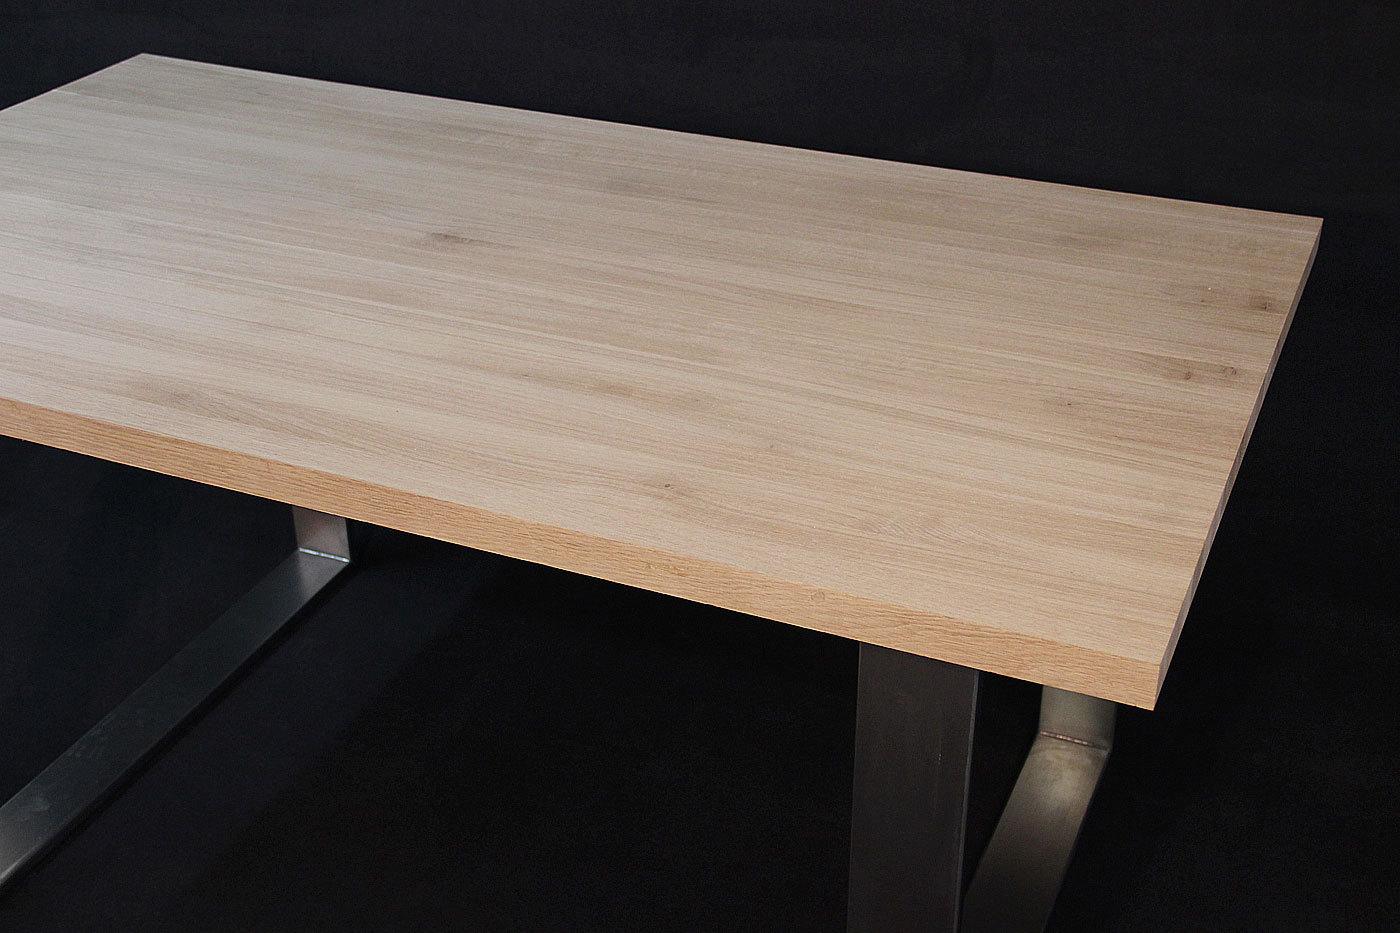 tischplatte massivholz eiche dl 40 1800 900. Black Bedroom Furniture Sets. Home Design Ideas